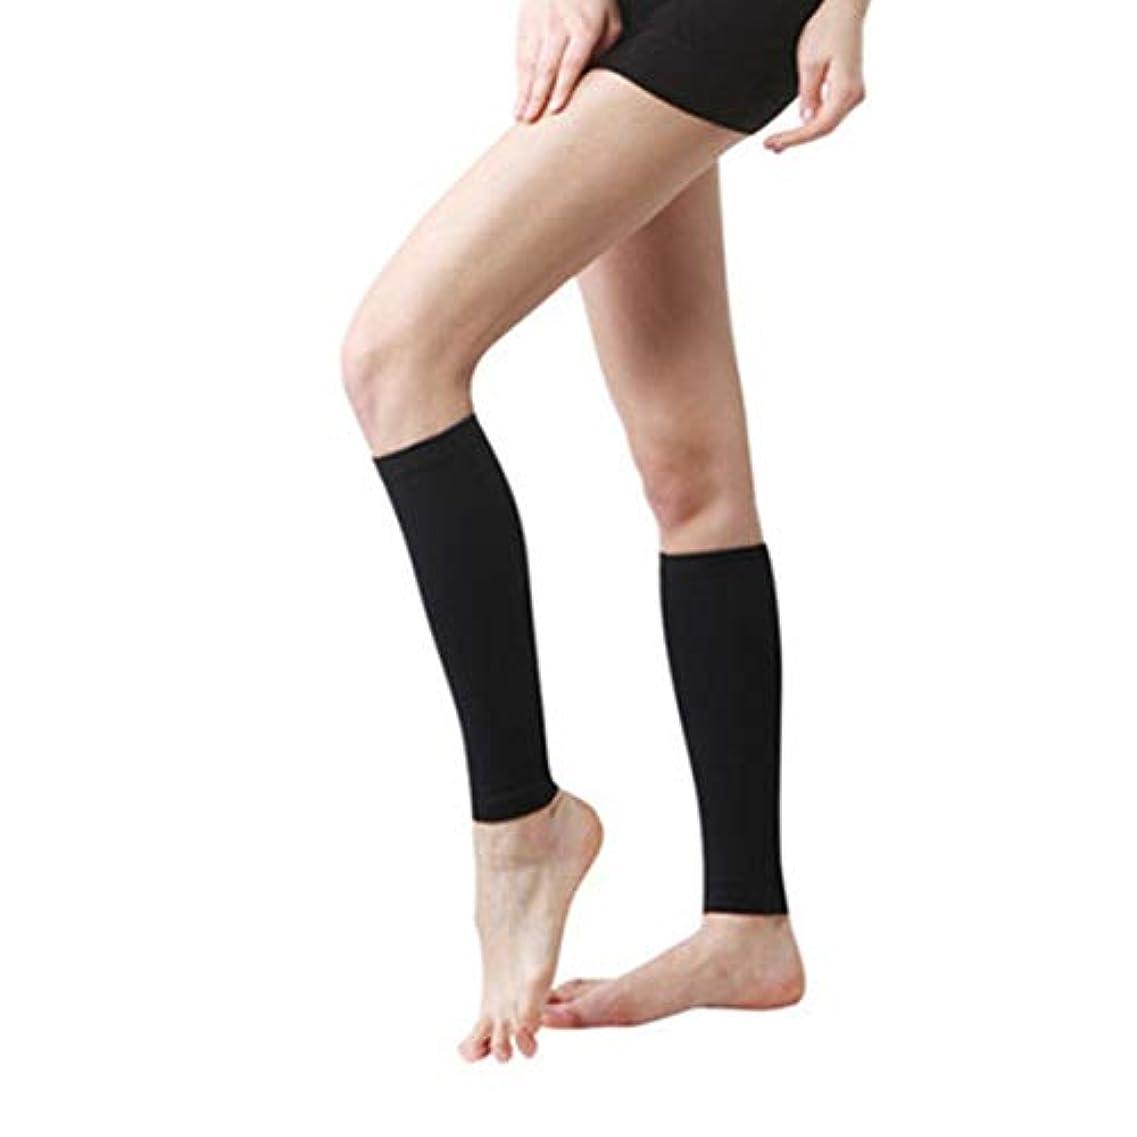 認可メロディーお勧め丈夫な男性女性プロの圧縮靴下通気性のある旅行活動看護師用シンススプリントフライトトラベル - ブラック